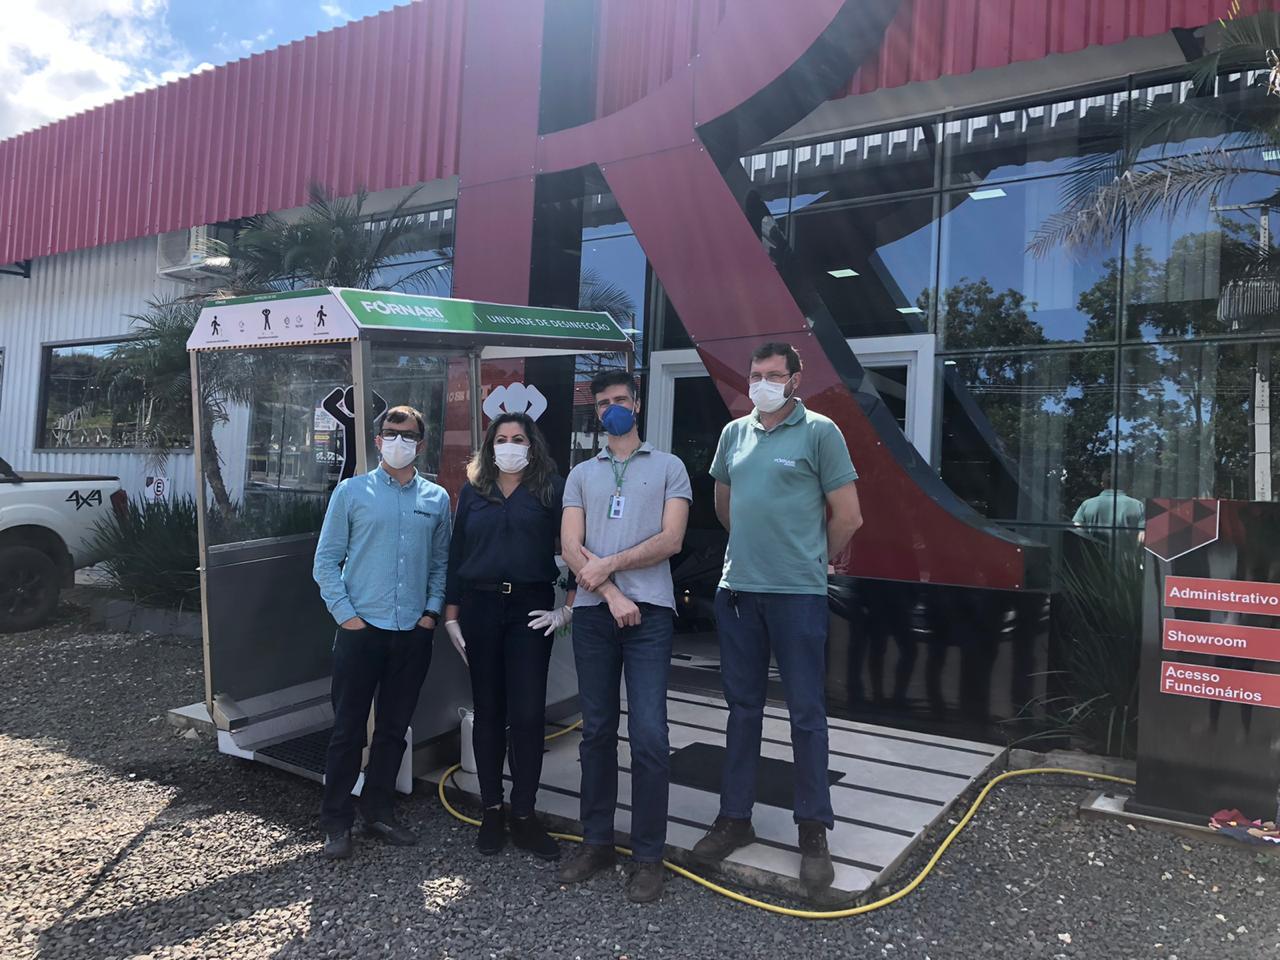 Cabine de Higienização: Fornari estabelece parceria comercial com a Desinservice Saúde Ambiental, de Santa Maria (RS)